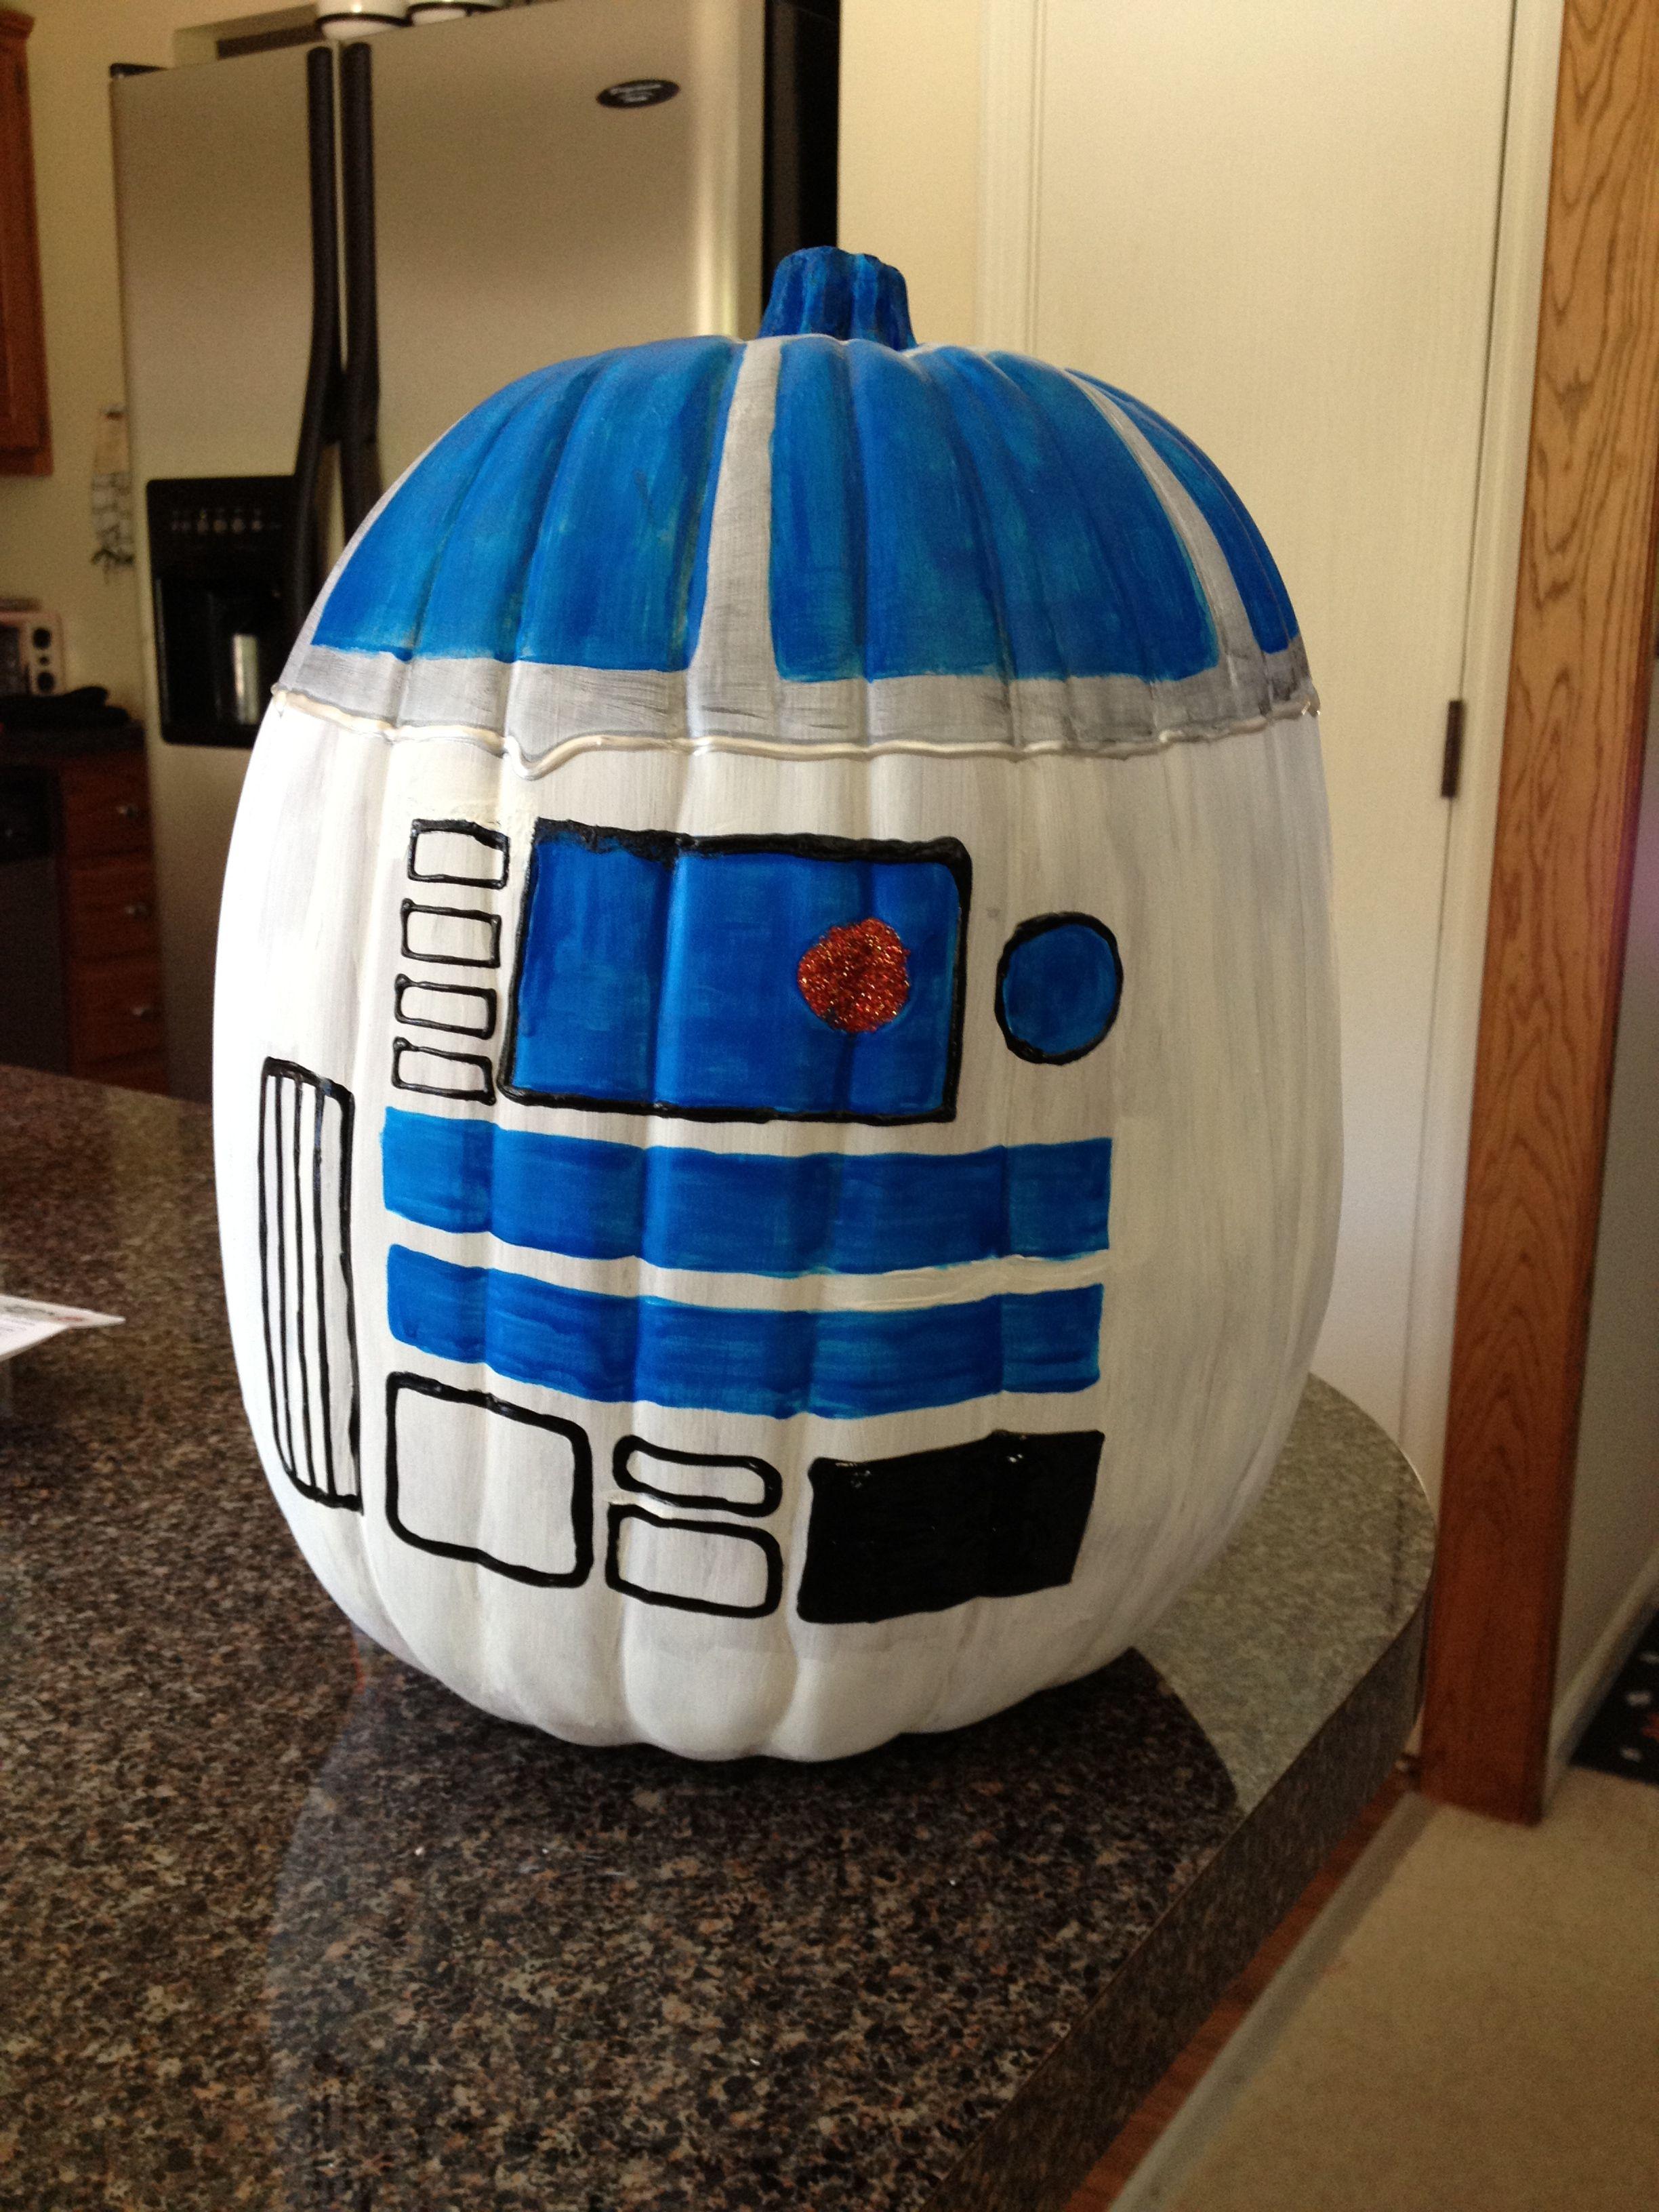 R2d2 Painted Pumpkin Star Wars Halloween Halloween Pumpkins Painted Painted Pumpkins Halloween Pumpkins